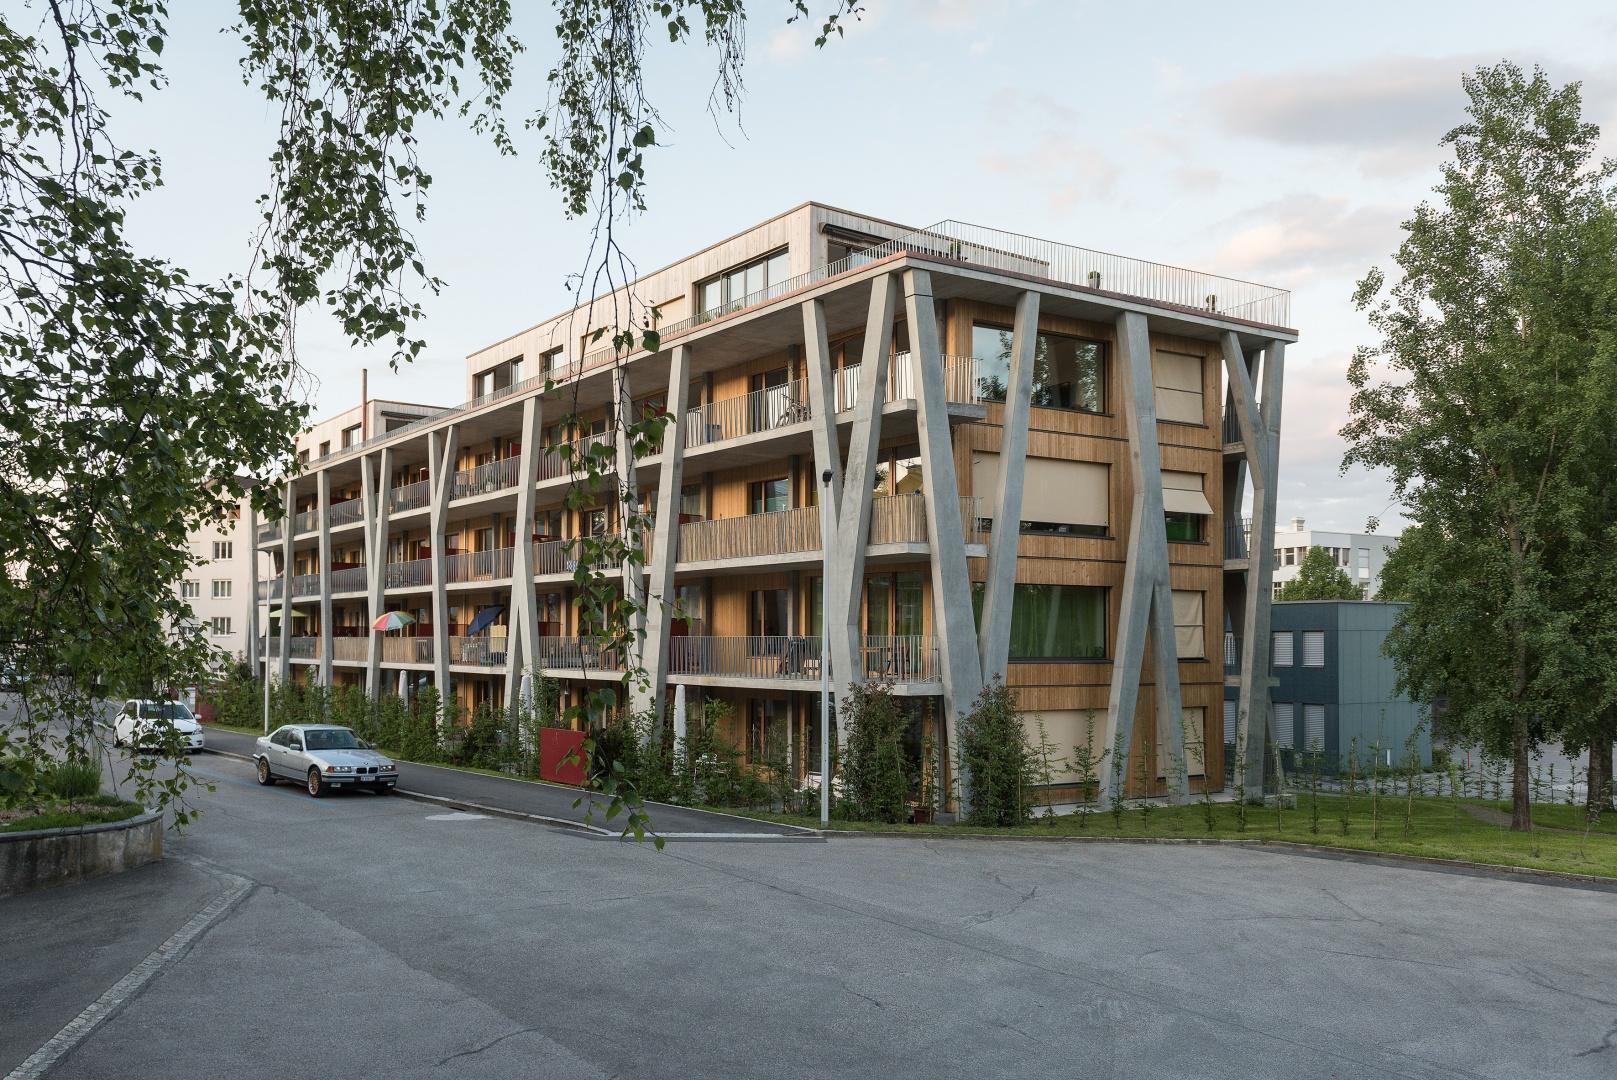 West- und Südfassade © Christine Blaser, Bildaufbau, Sandrainstrasse 3 3007 Bern